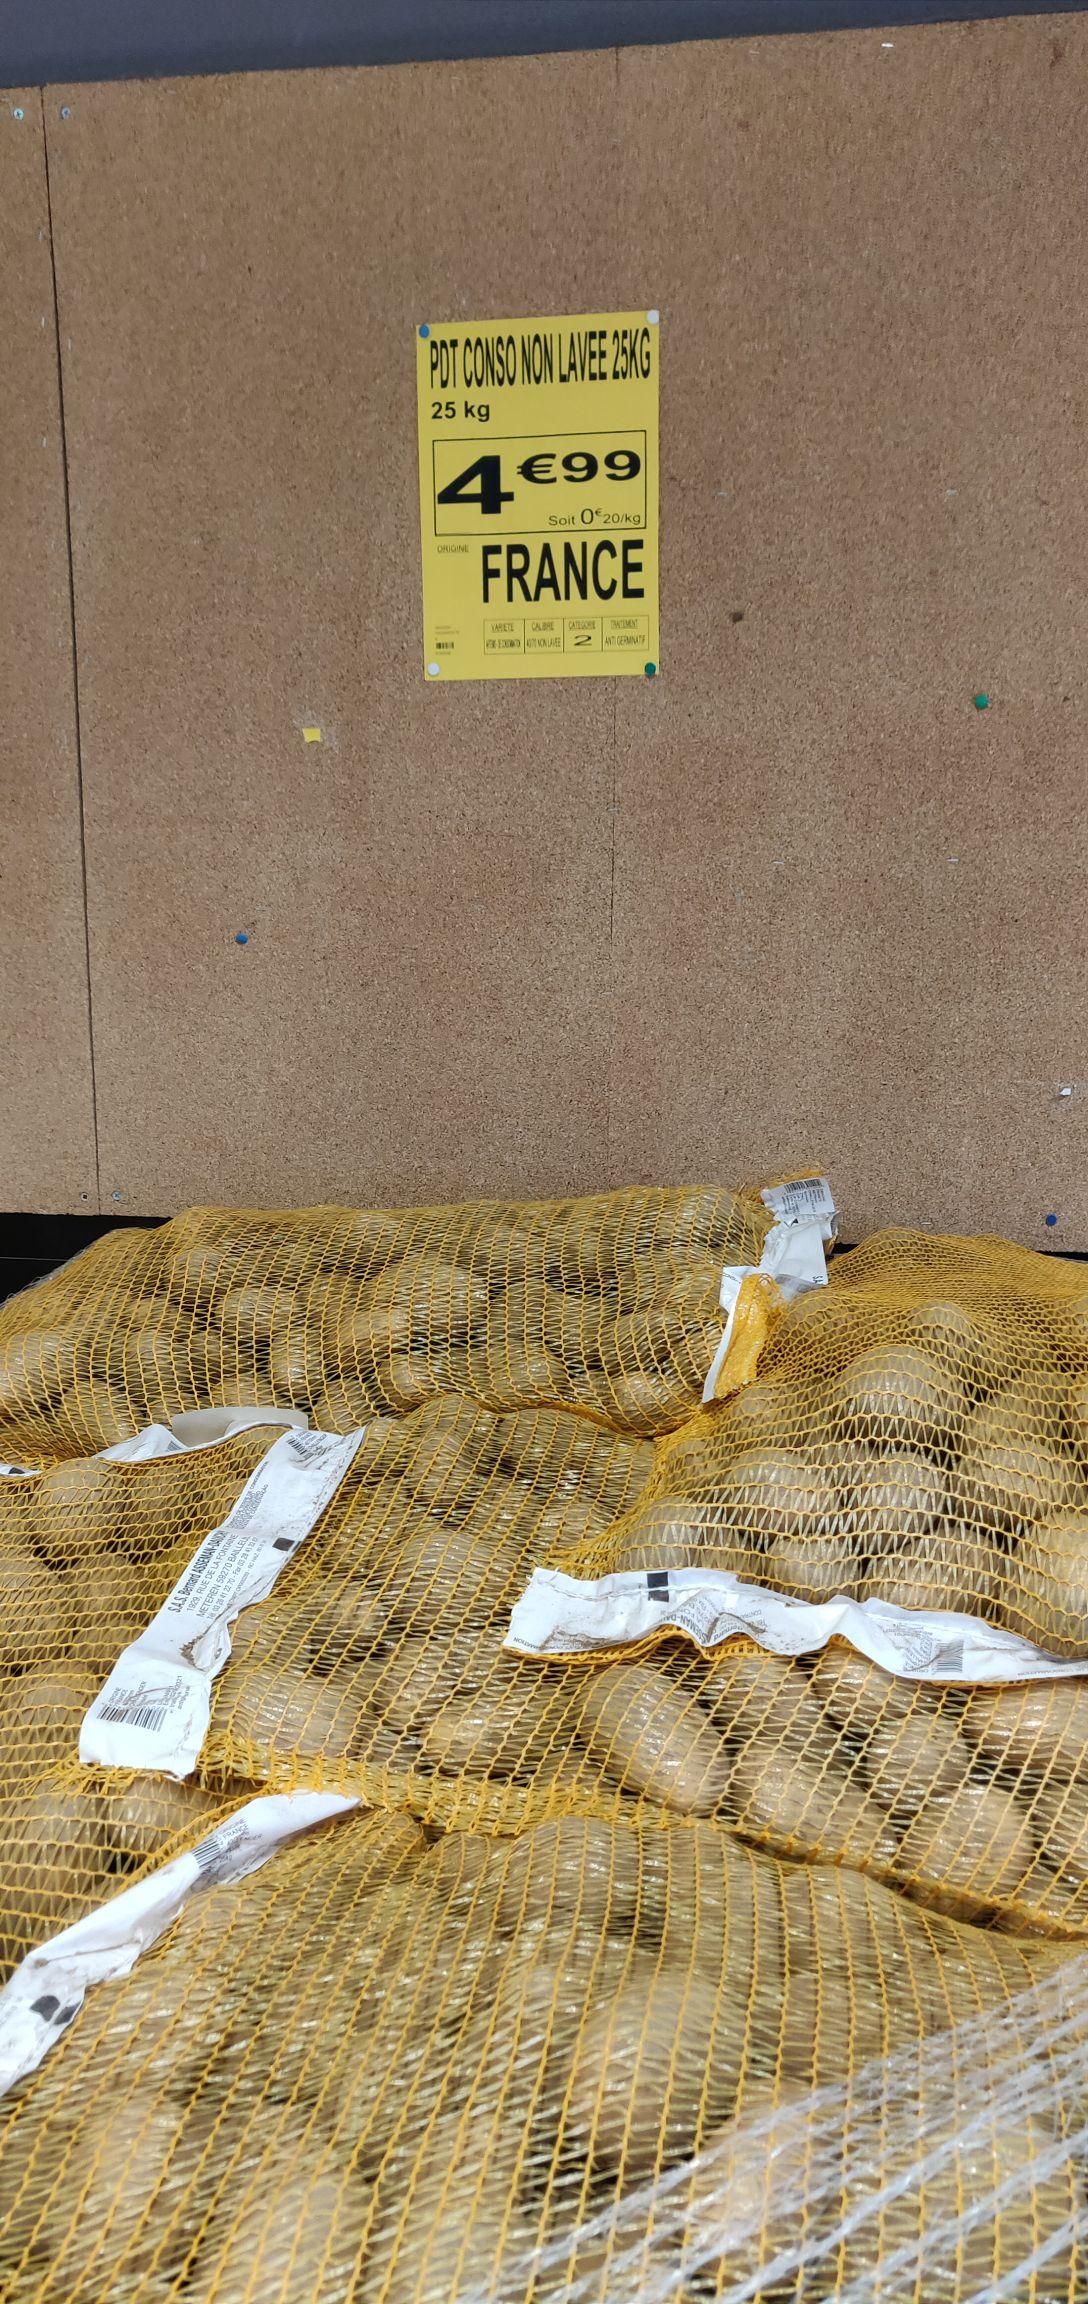 Filet de pommes de terre de consommation 25Kg - Valdahon (25)